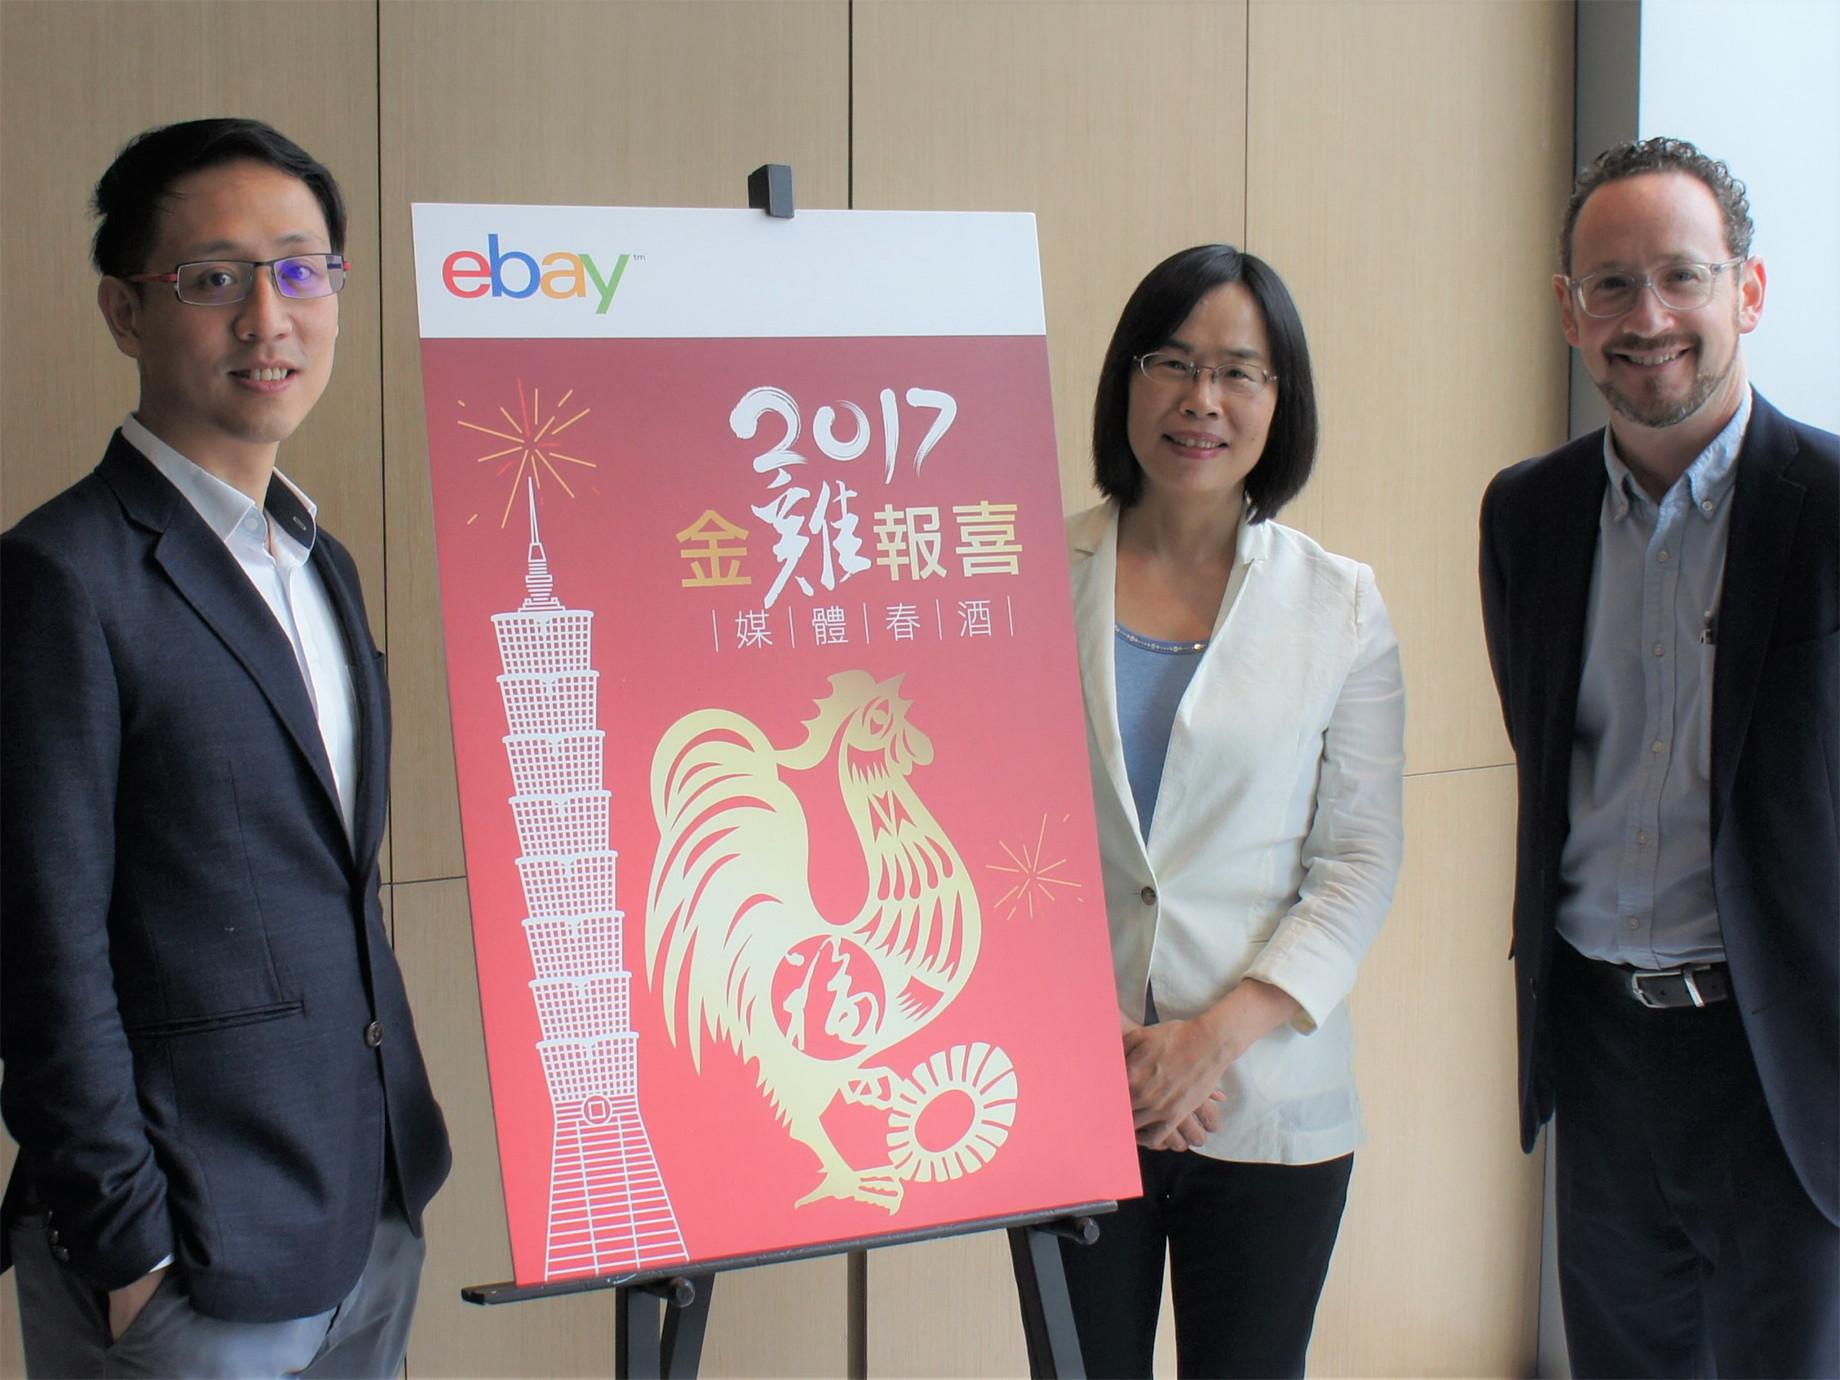 2017年eBay將舉辦「電商小學堂」,培訓跨境電商人才